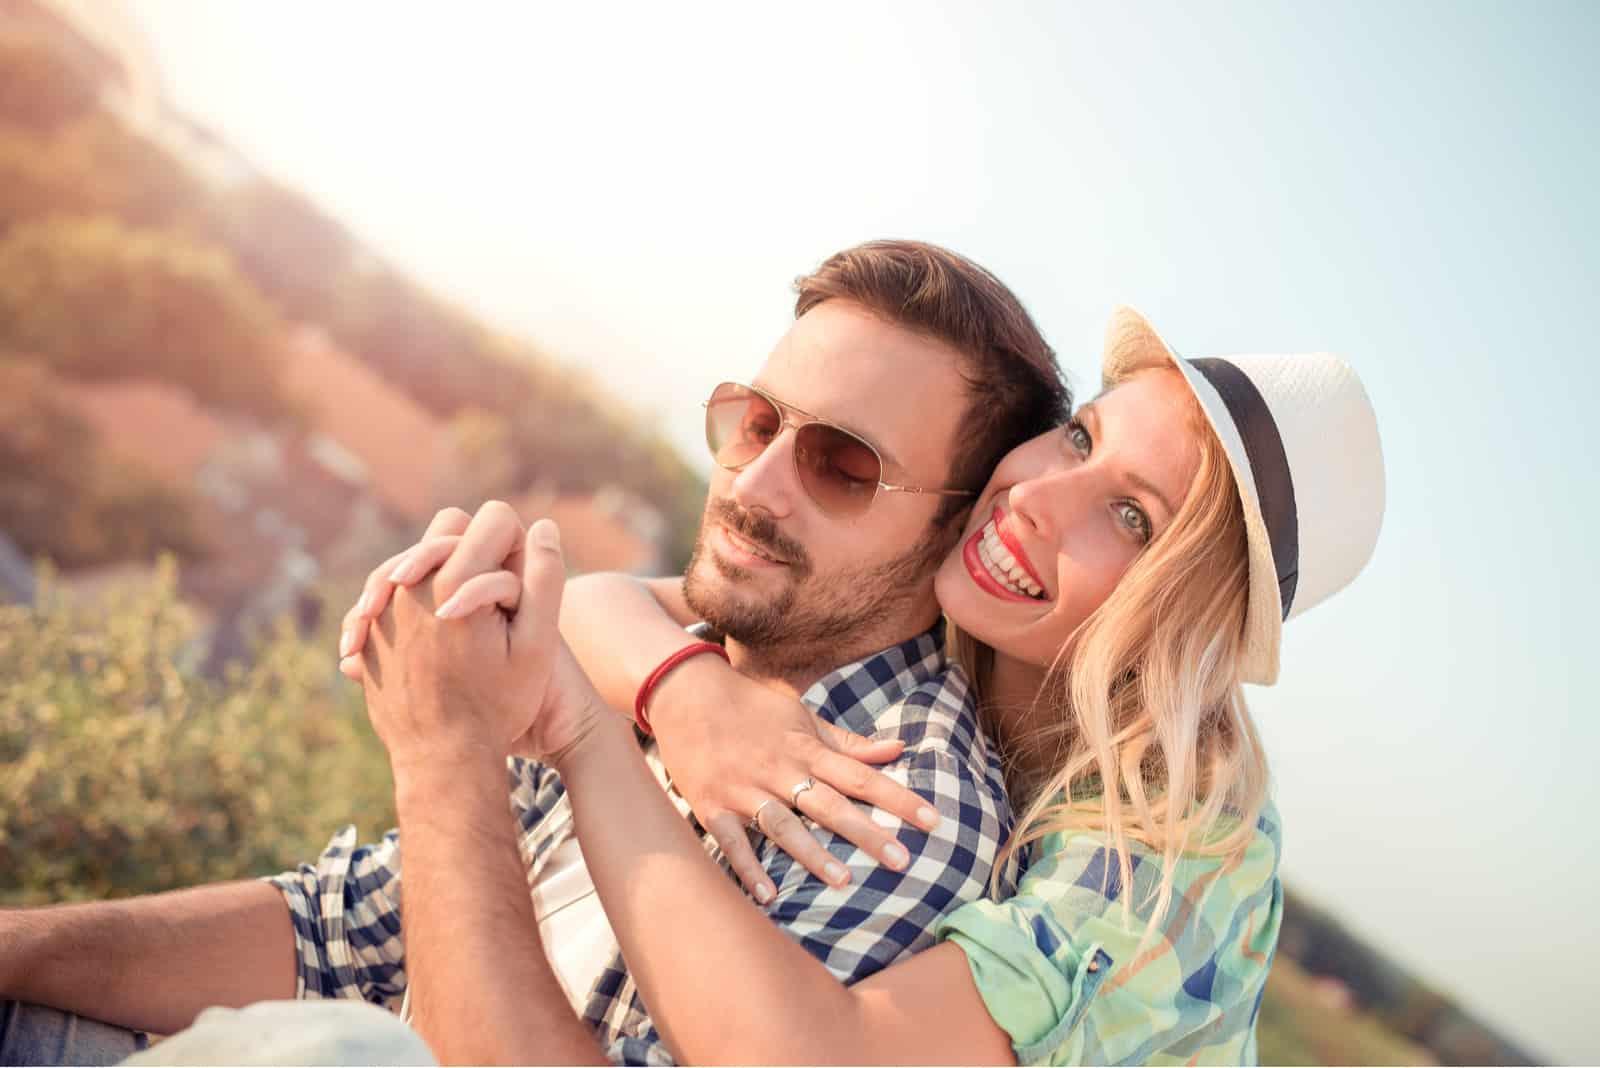 Die überglückliche Blondine umarmt sich hinter ihrem Freund